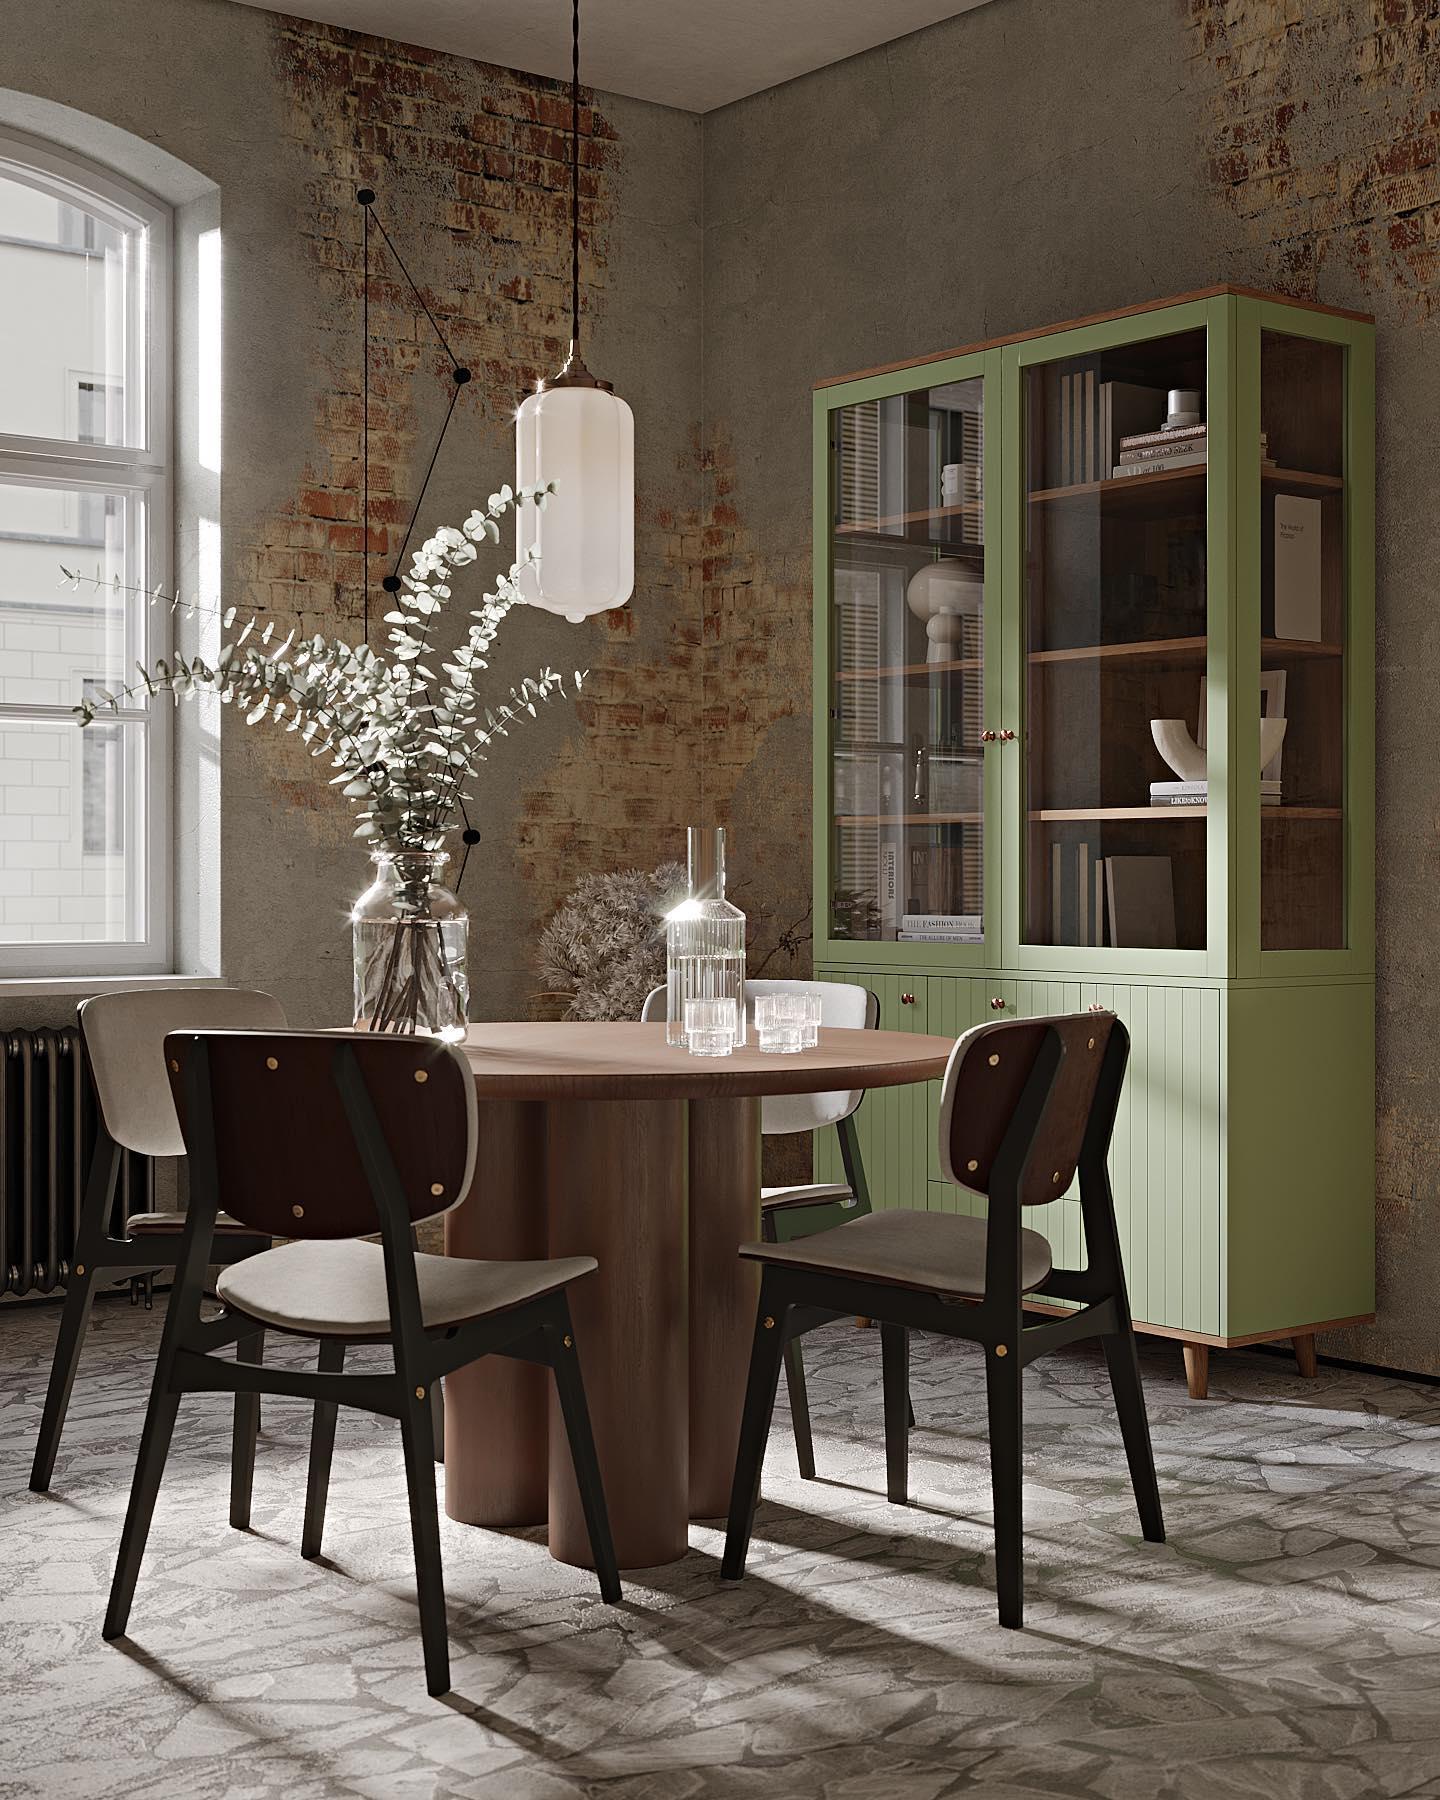 Заказ корпусной мебели в цвете месяца ( RAL 6021, светло-зеленый) по стандартной цене доступен до конца августа.    Хотите увидеть, как будет выглядеть выбранный вами предмет в этом цвете? Напишите нам (ссылка в профиле) и мы поделимся с вами визуализациями.    Буфет из коллекции Twin в этом цвете и стулья Sid добавляют мягкости брутальному лофтовому пространству: наша мебель живет не только в классических интерьерах, но и в концептуальных.    Буфет и стулья доступны для заказа по ссылке в профиле.